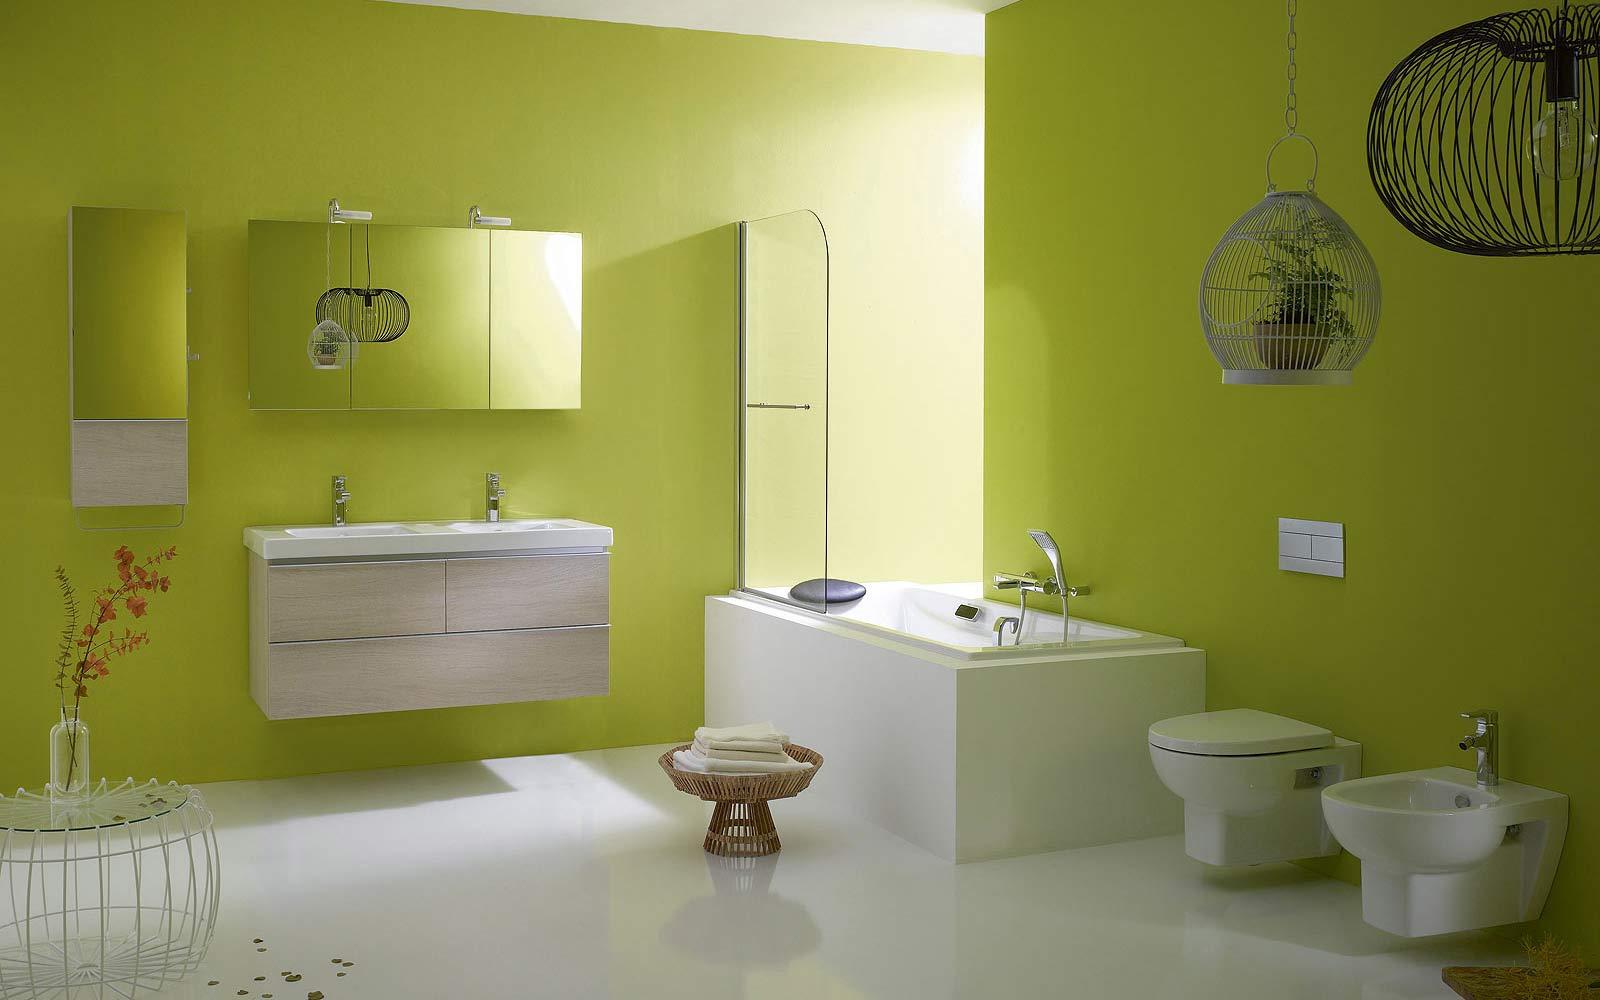 Choisir un tablier ou un coffrage pour sa baignoire - Elle Décoration